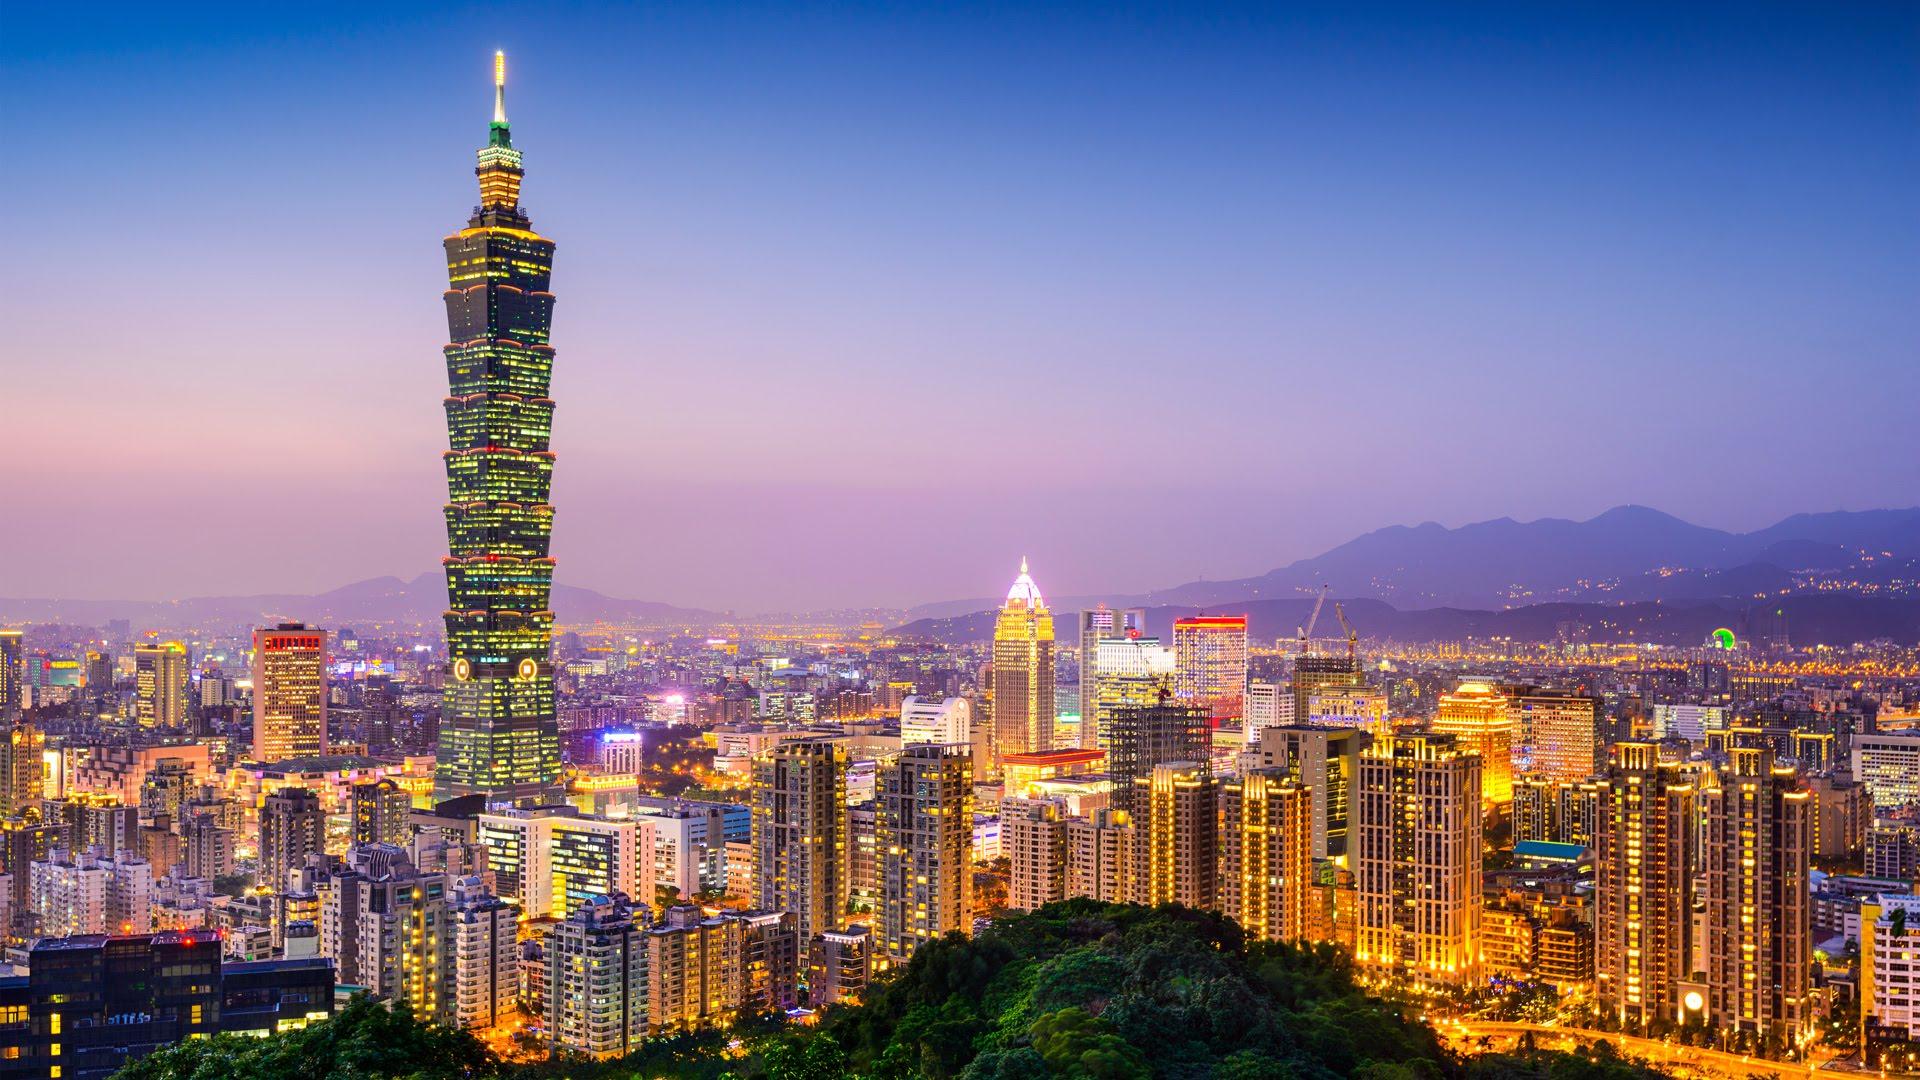 Tháp Taipei 101 rực rỡ trong ánh đèn